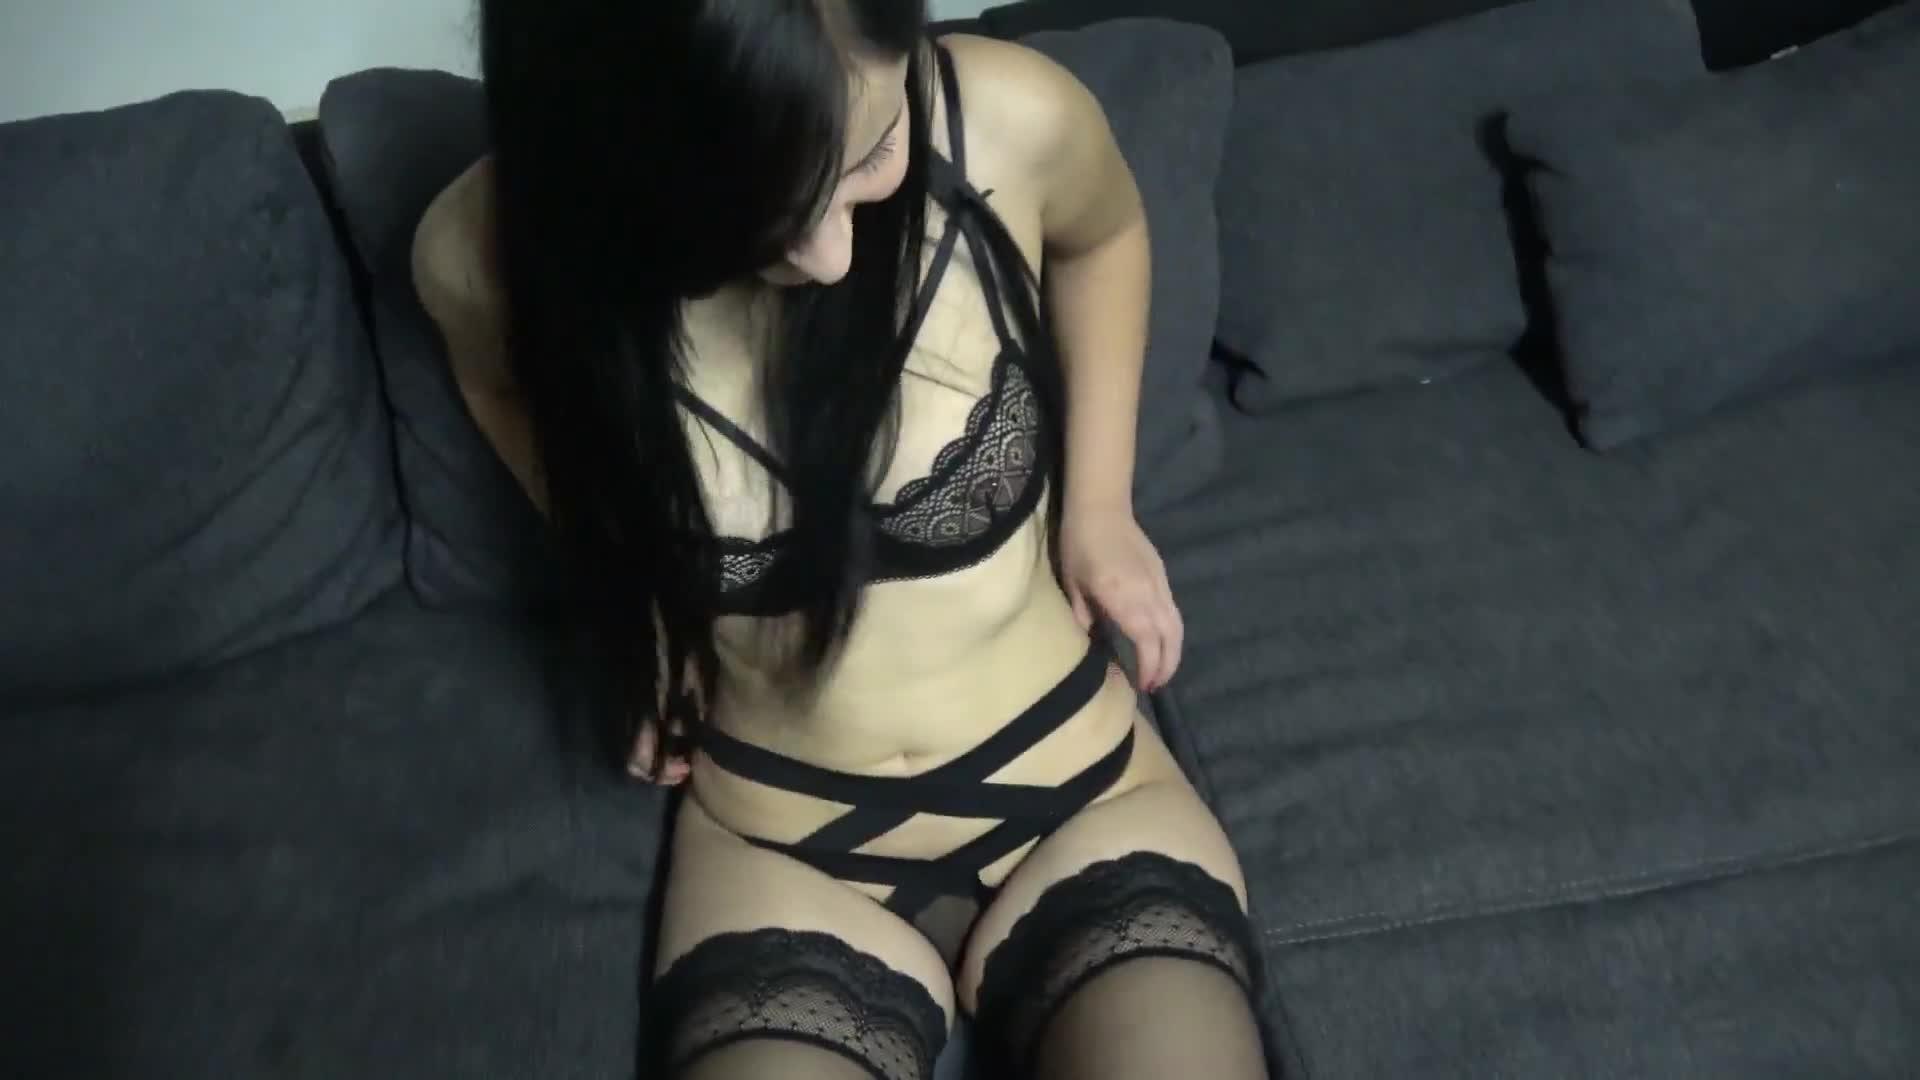 dick kurvige big ass panties